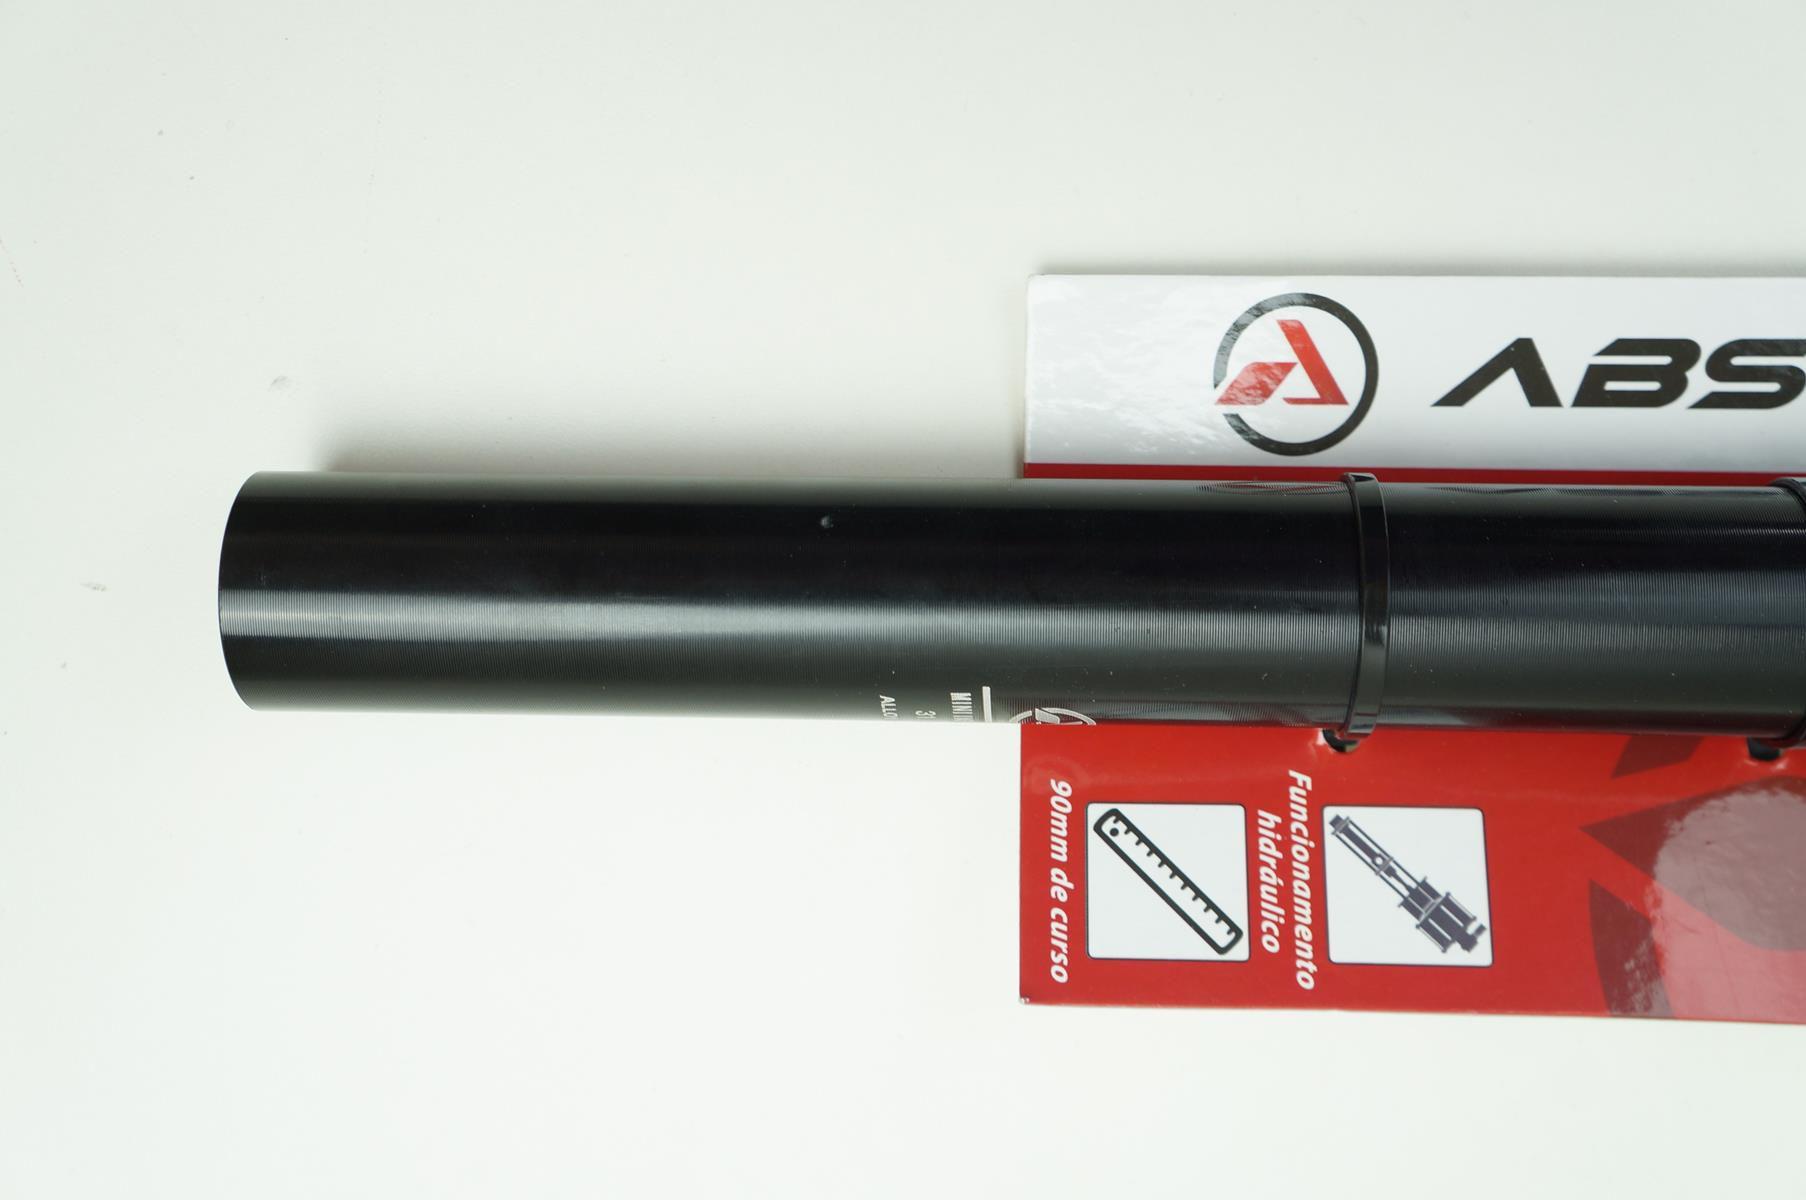 Canote Bicicleta MTB Absolute 31.6 X 370mm Telescópico Retrátil Preto